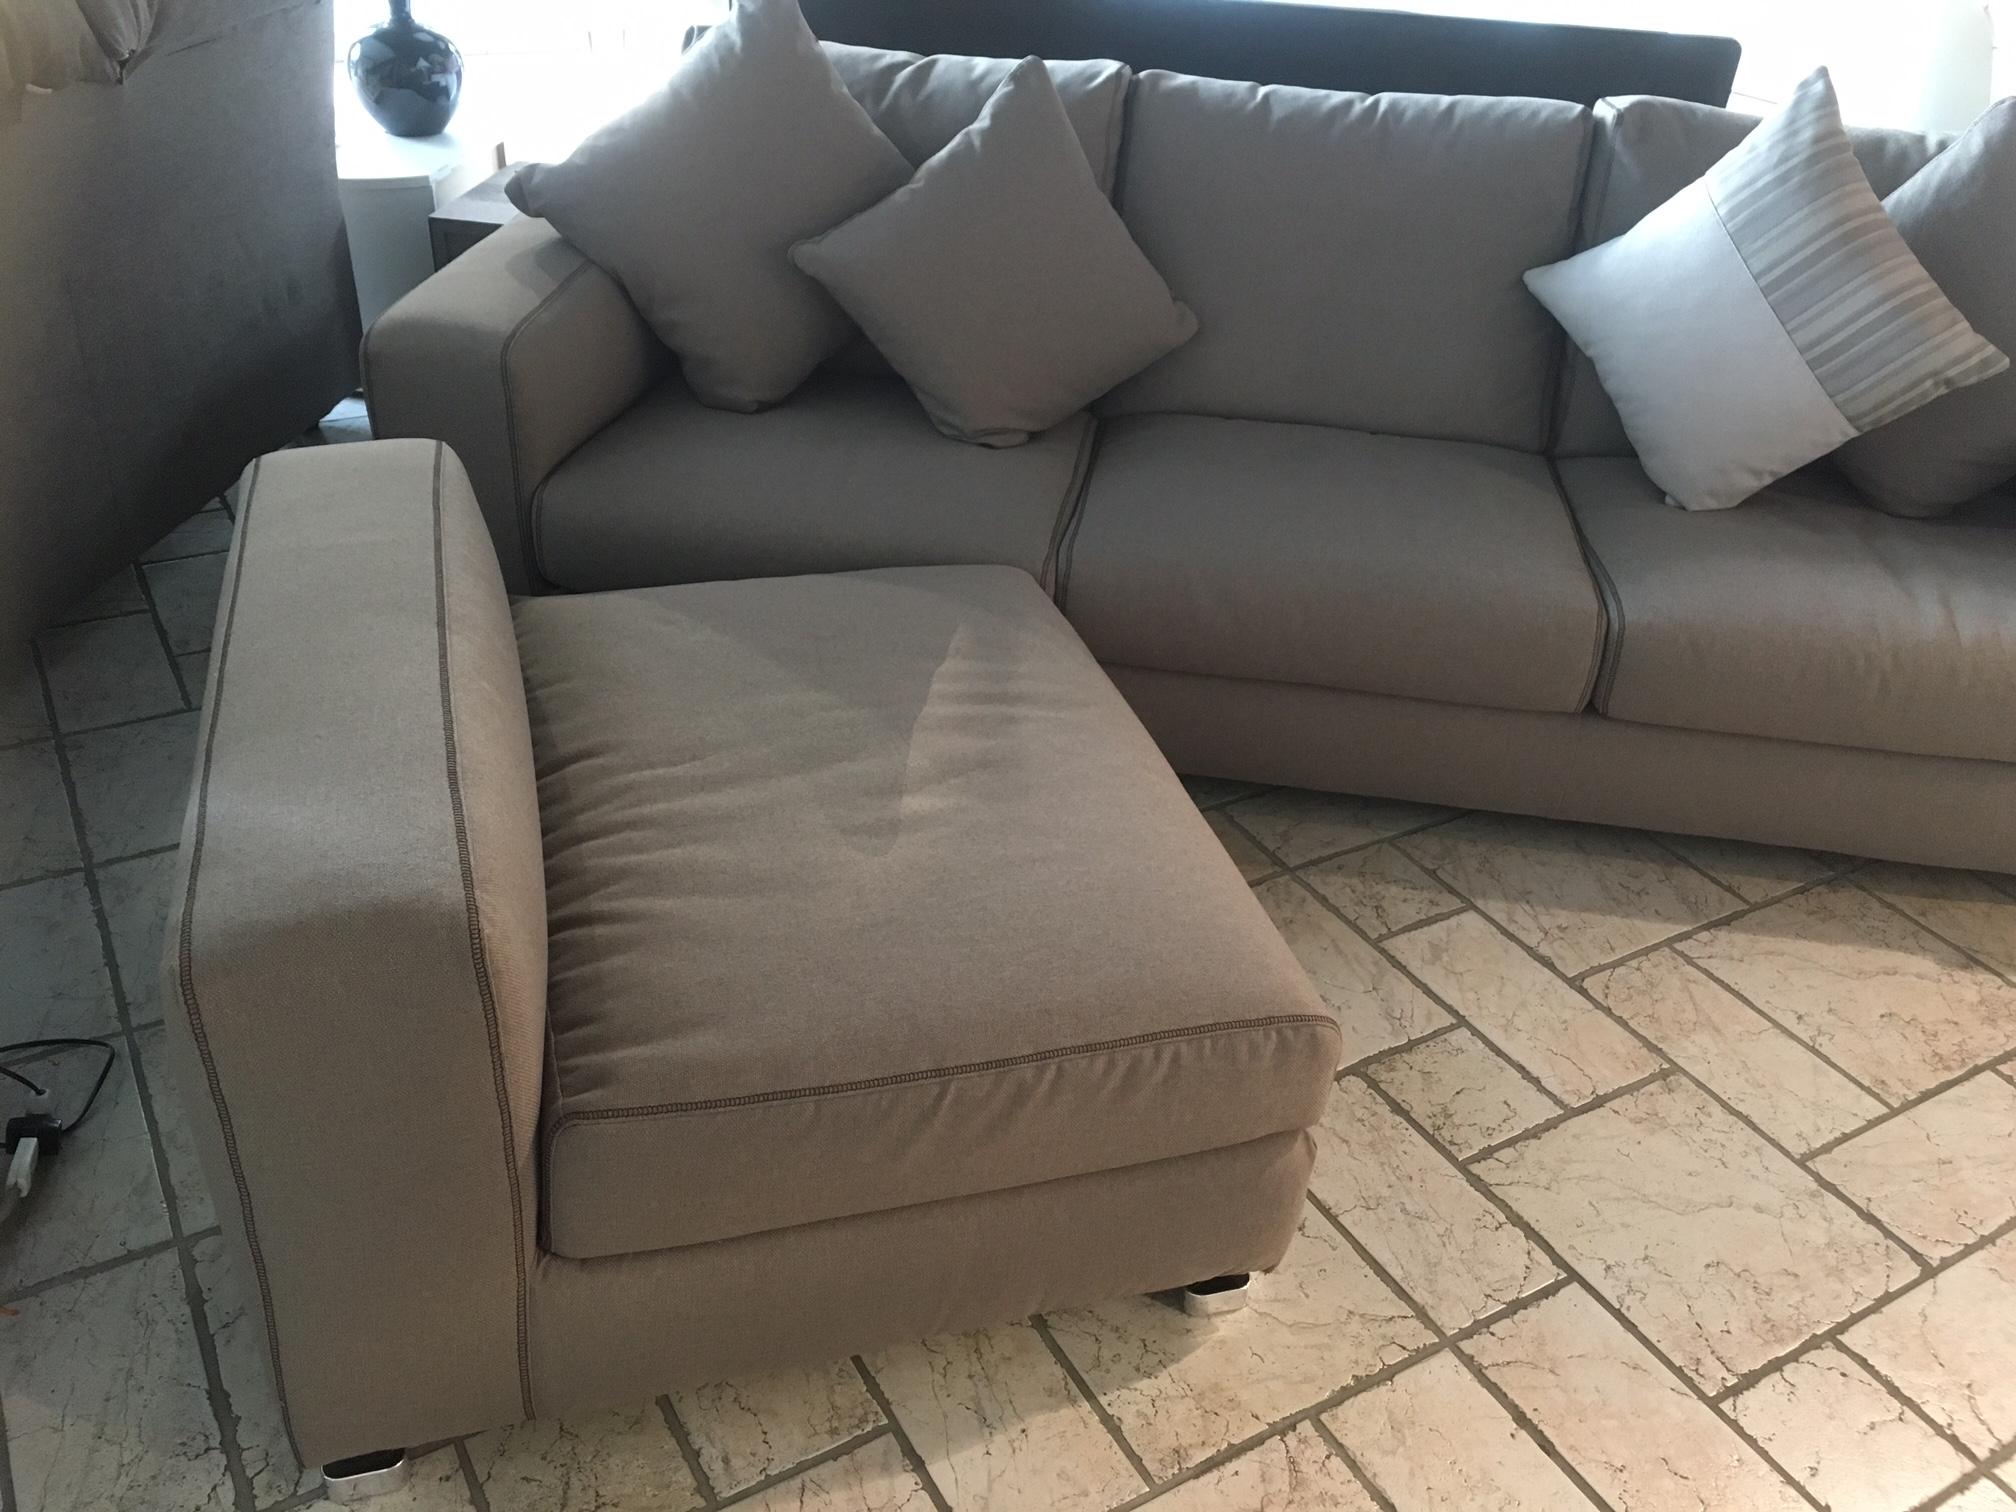 Divano con chaise longue reversibile in promozione - Divano con chaise longue ...